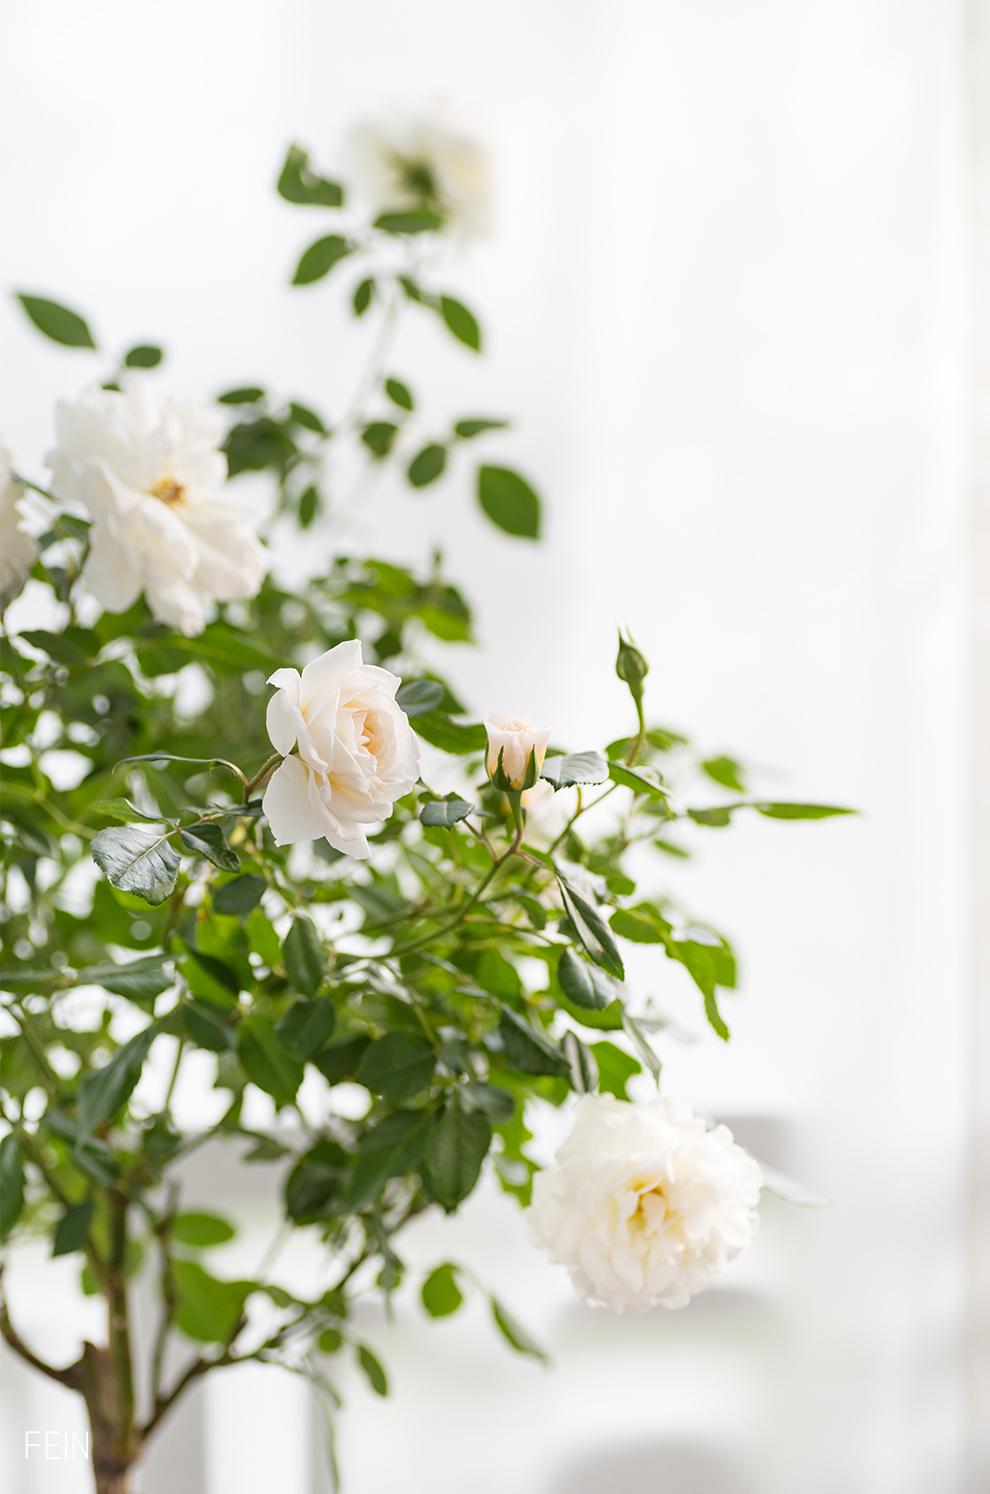 Urban Gardening Rose